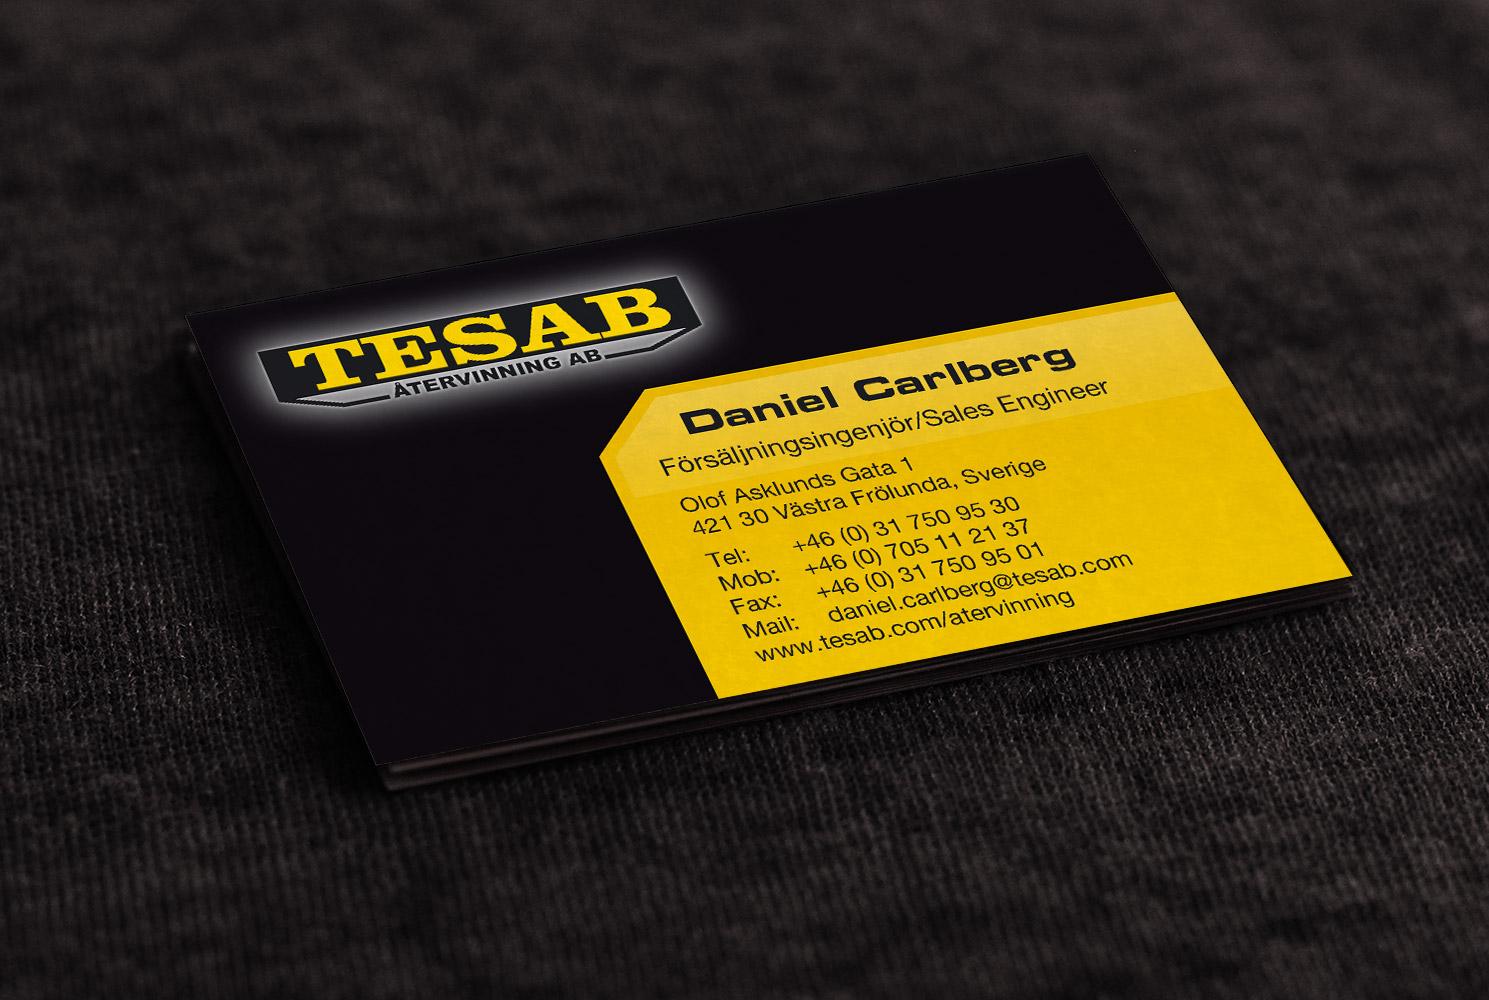 Visitkort för Tesab Återvinning, designat av Peter Berglund, Bullit Reklambyrå